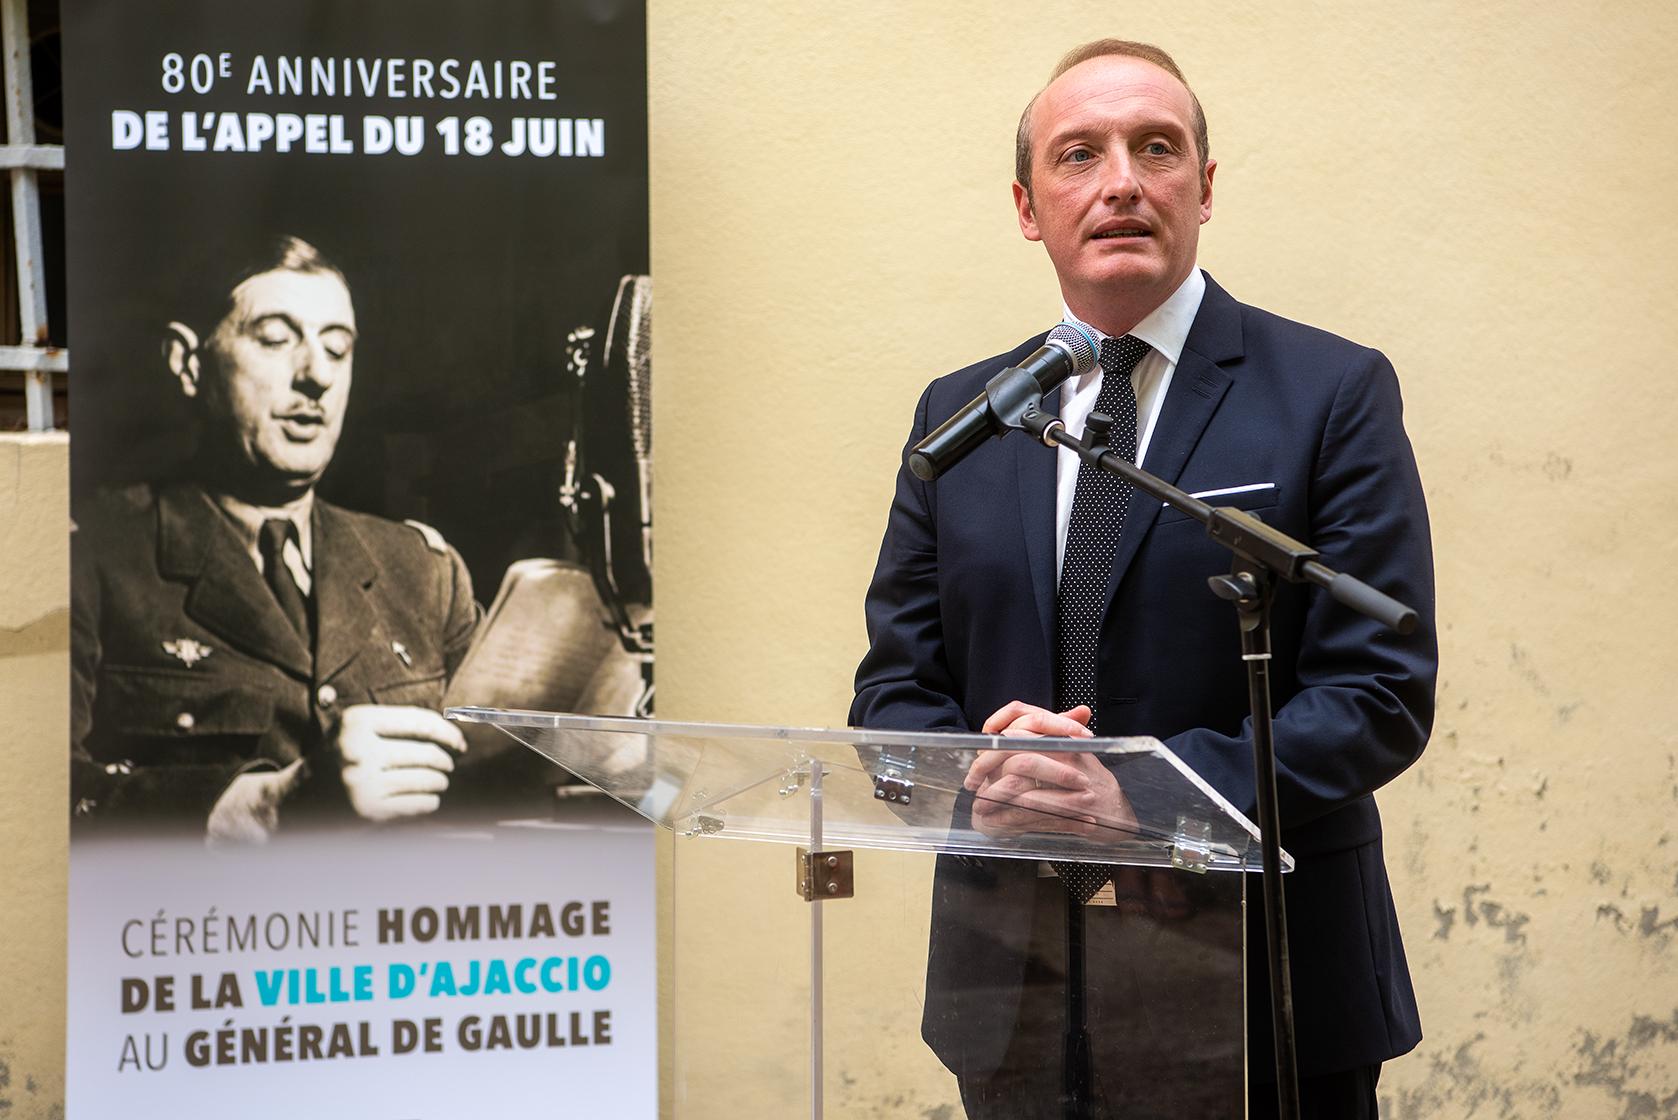 """""""Soyons digne de cet héritage"""" a déclaré Laurent Marcangeli ce jeudi 18 juin à l'occasion des 80 ans de l'Appel du général De Gaulle (Photos Ville d'Ajaccio)."""